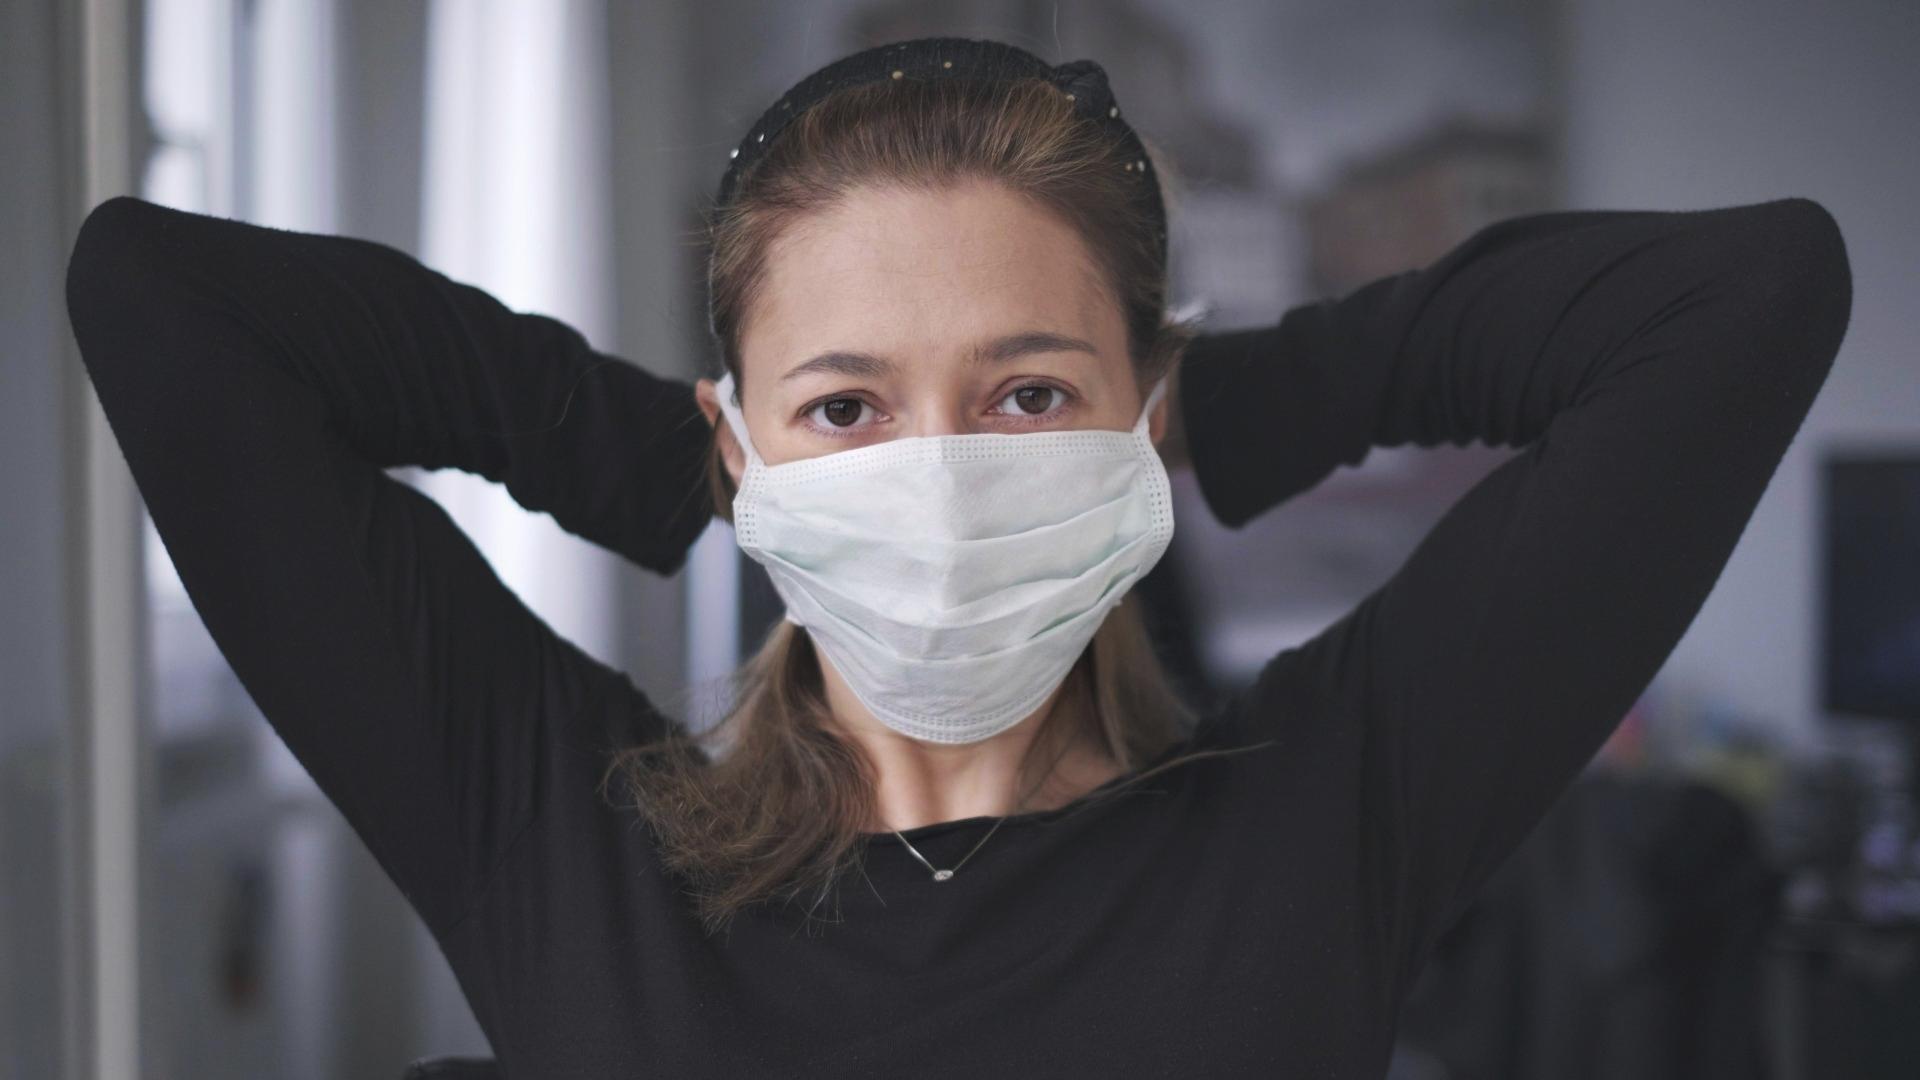 Helsingissä kotihoidon työntekijät suojautuvat vasta, jos asiakkaalla on flunssaoireita tai epäillään koronaa.